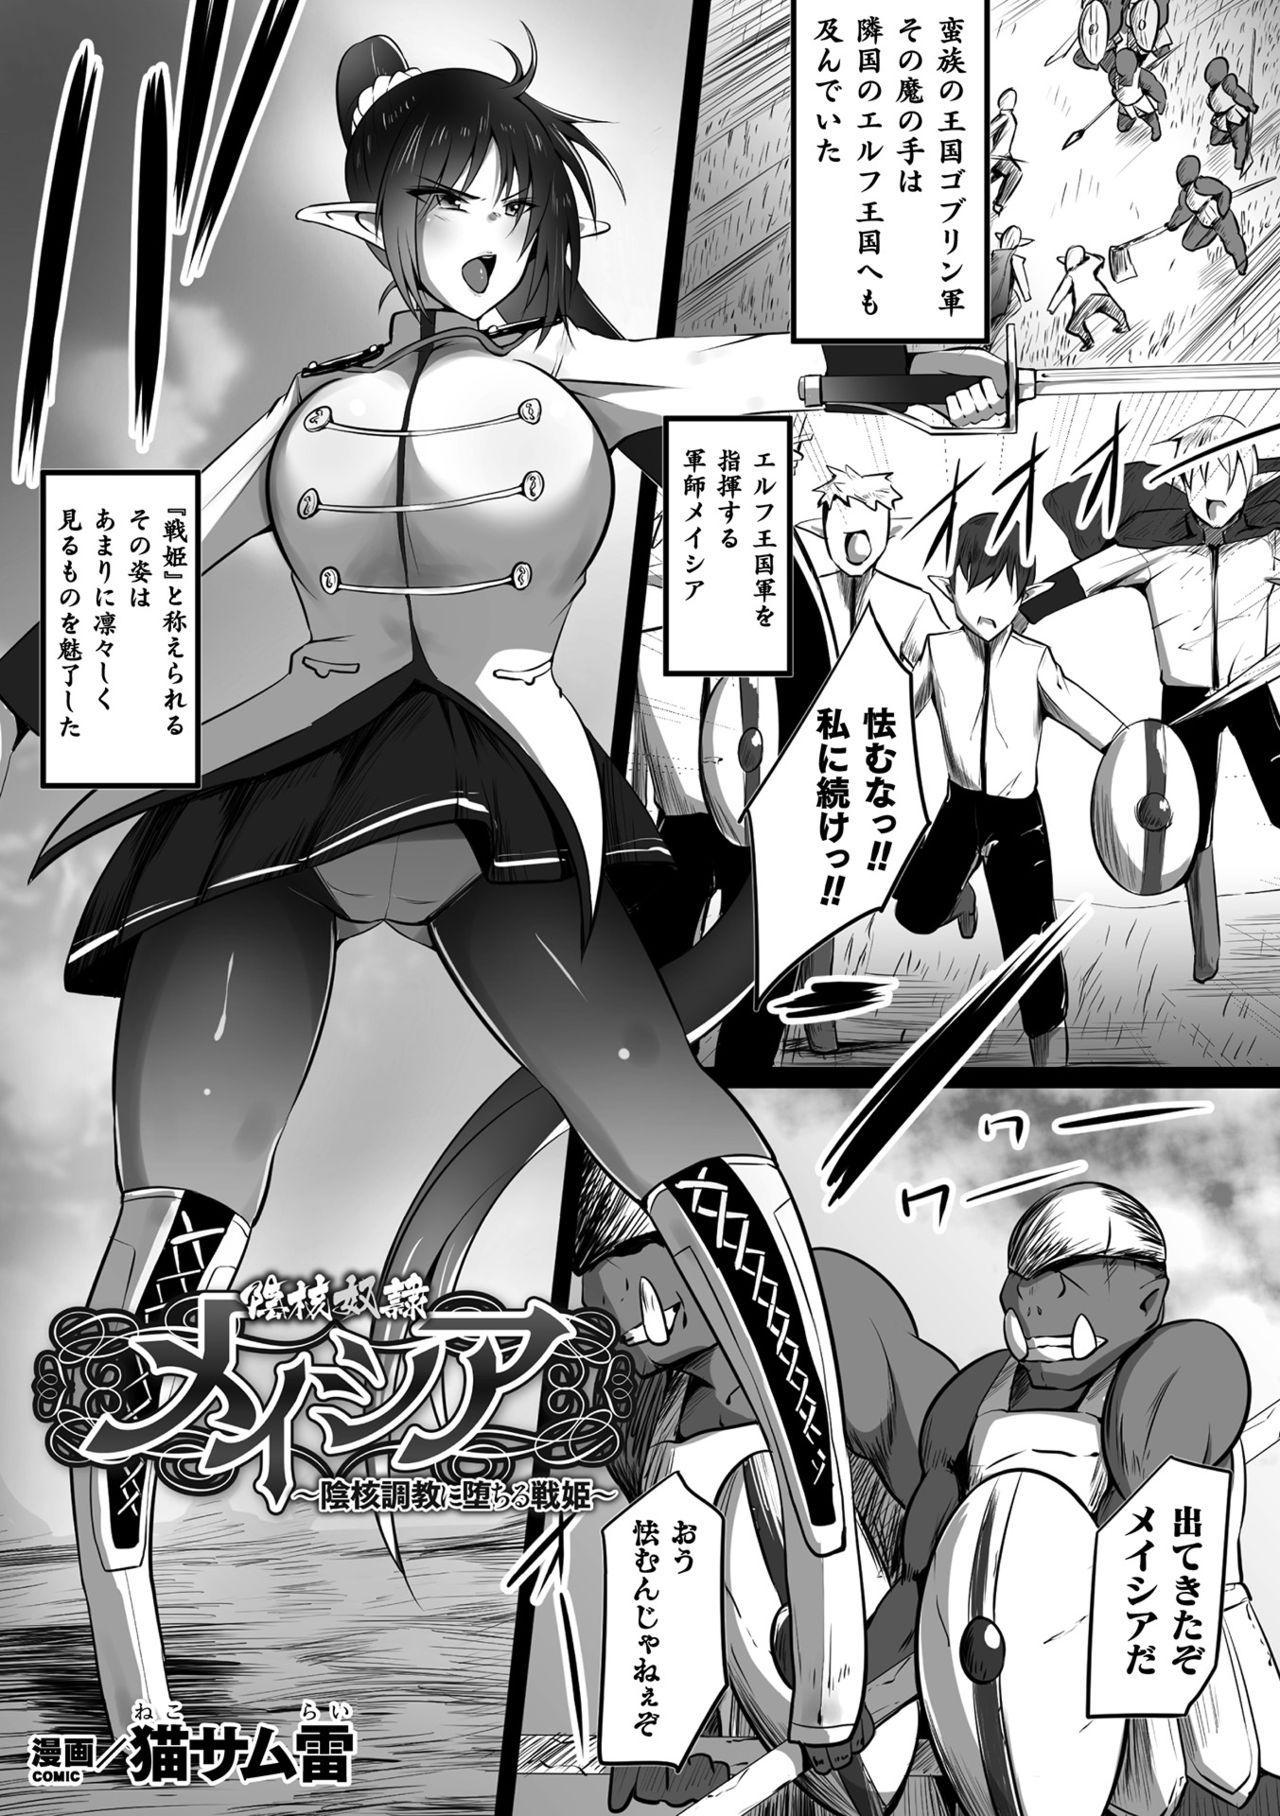 2D Comic Magazine Clitoris Kaizou Kiroku Inkaku Choukyou de Kairaku ni Ochiru Shoujo-tachi Vol. 2 56